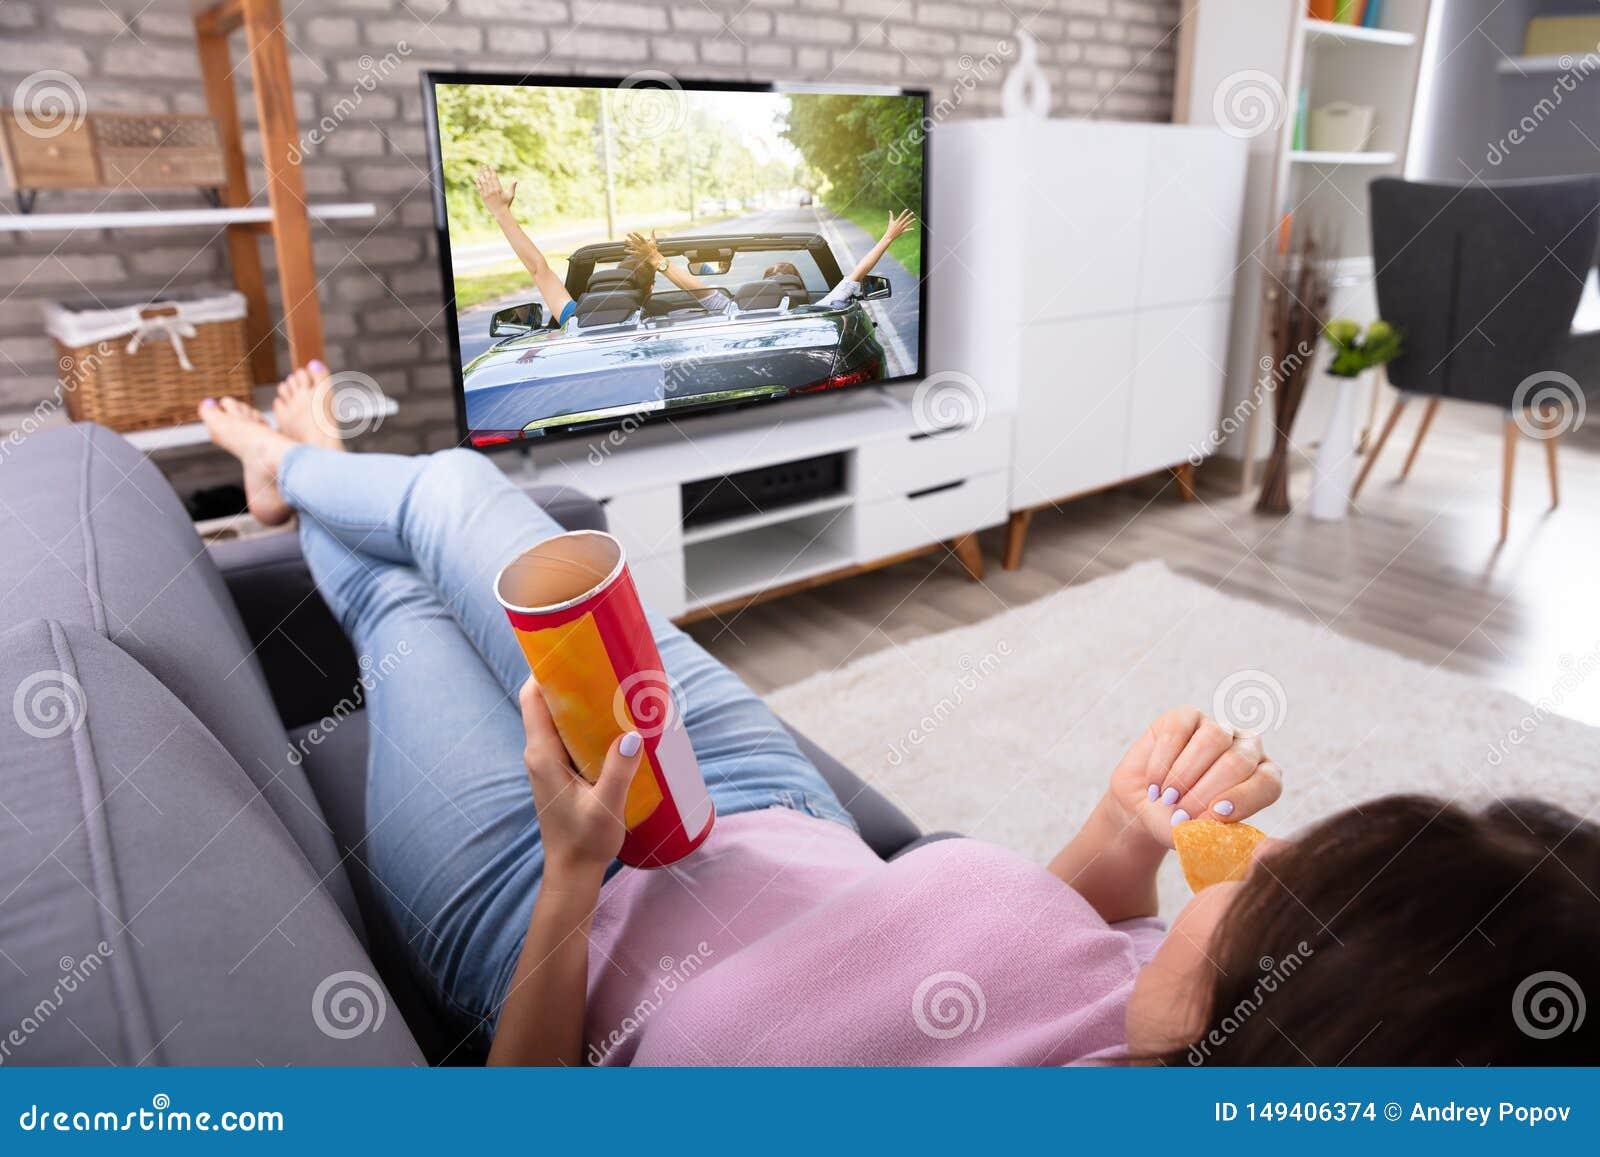 吃薯片的妇女,当看电视时